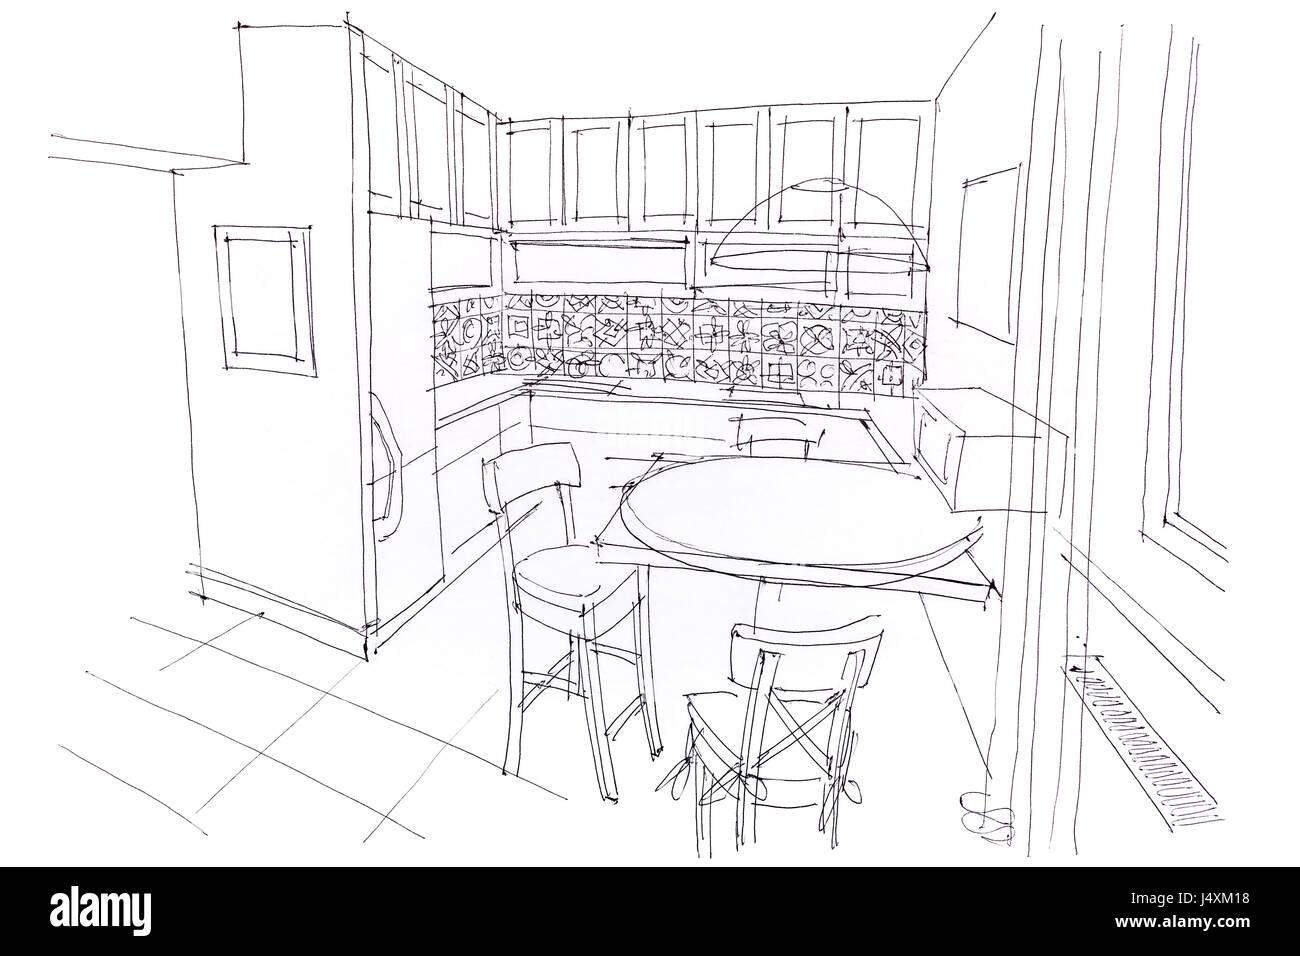 Sala Da Pranzo Disegno.Disegnato A Mano Disegno Monocromatico Di Sala Da Pranzo